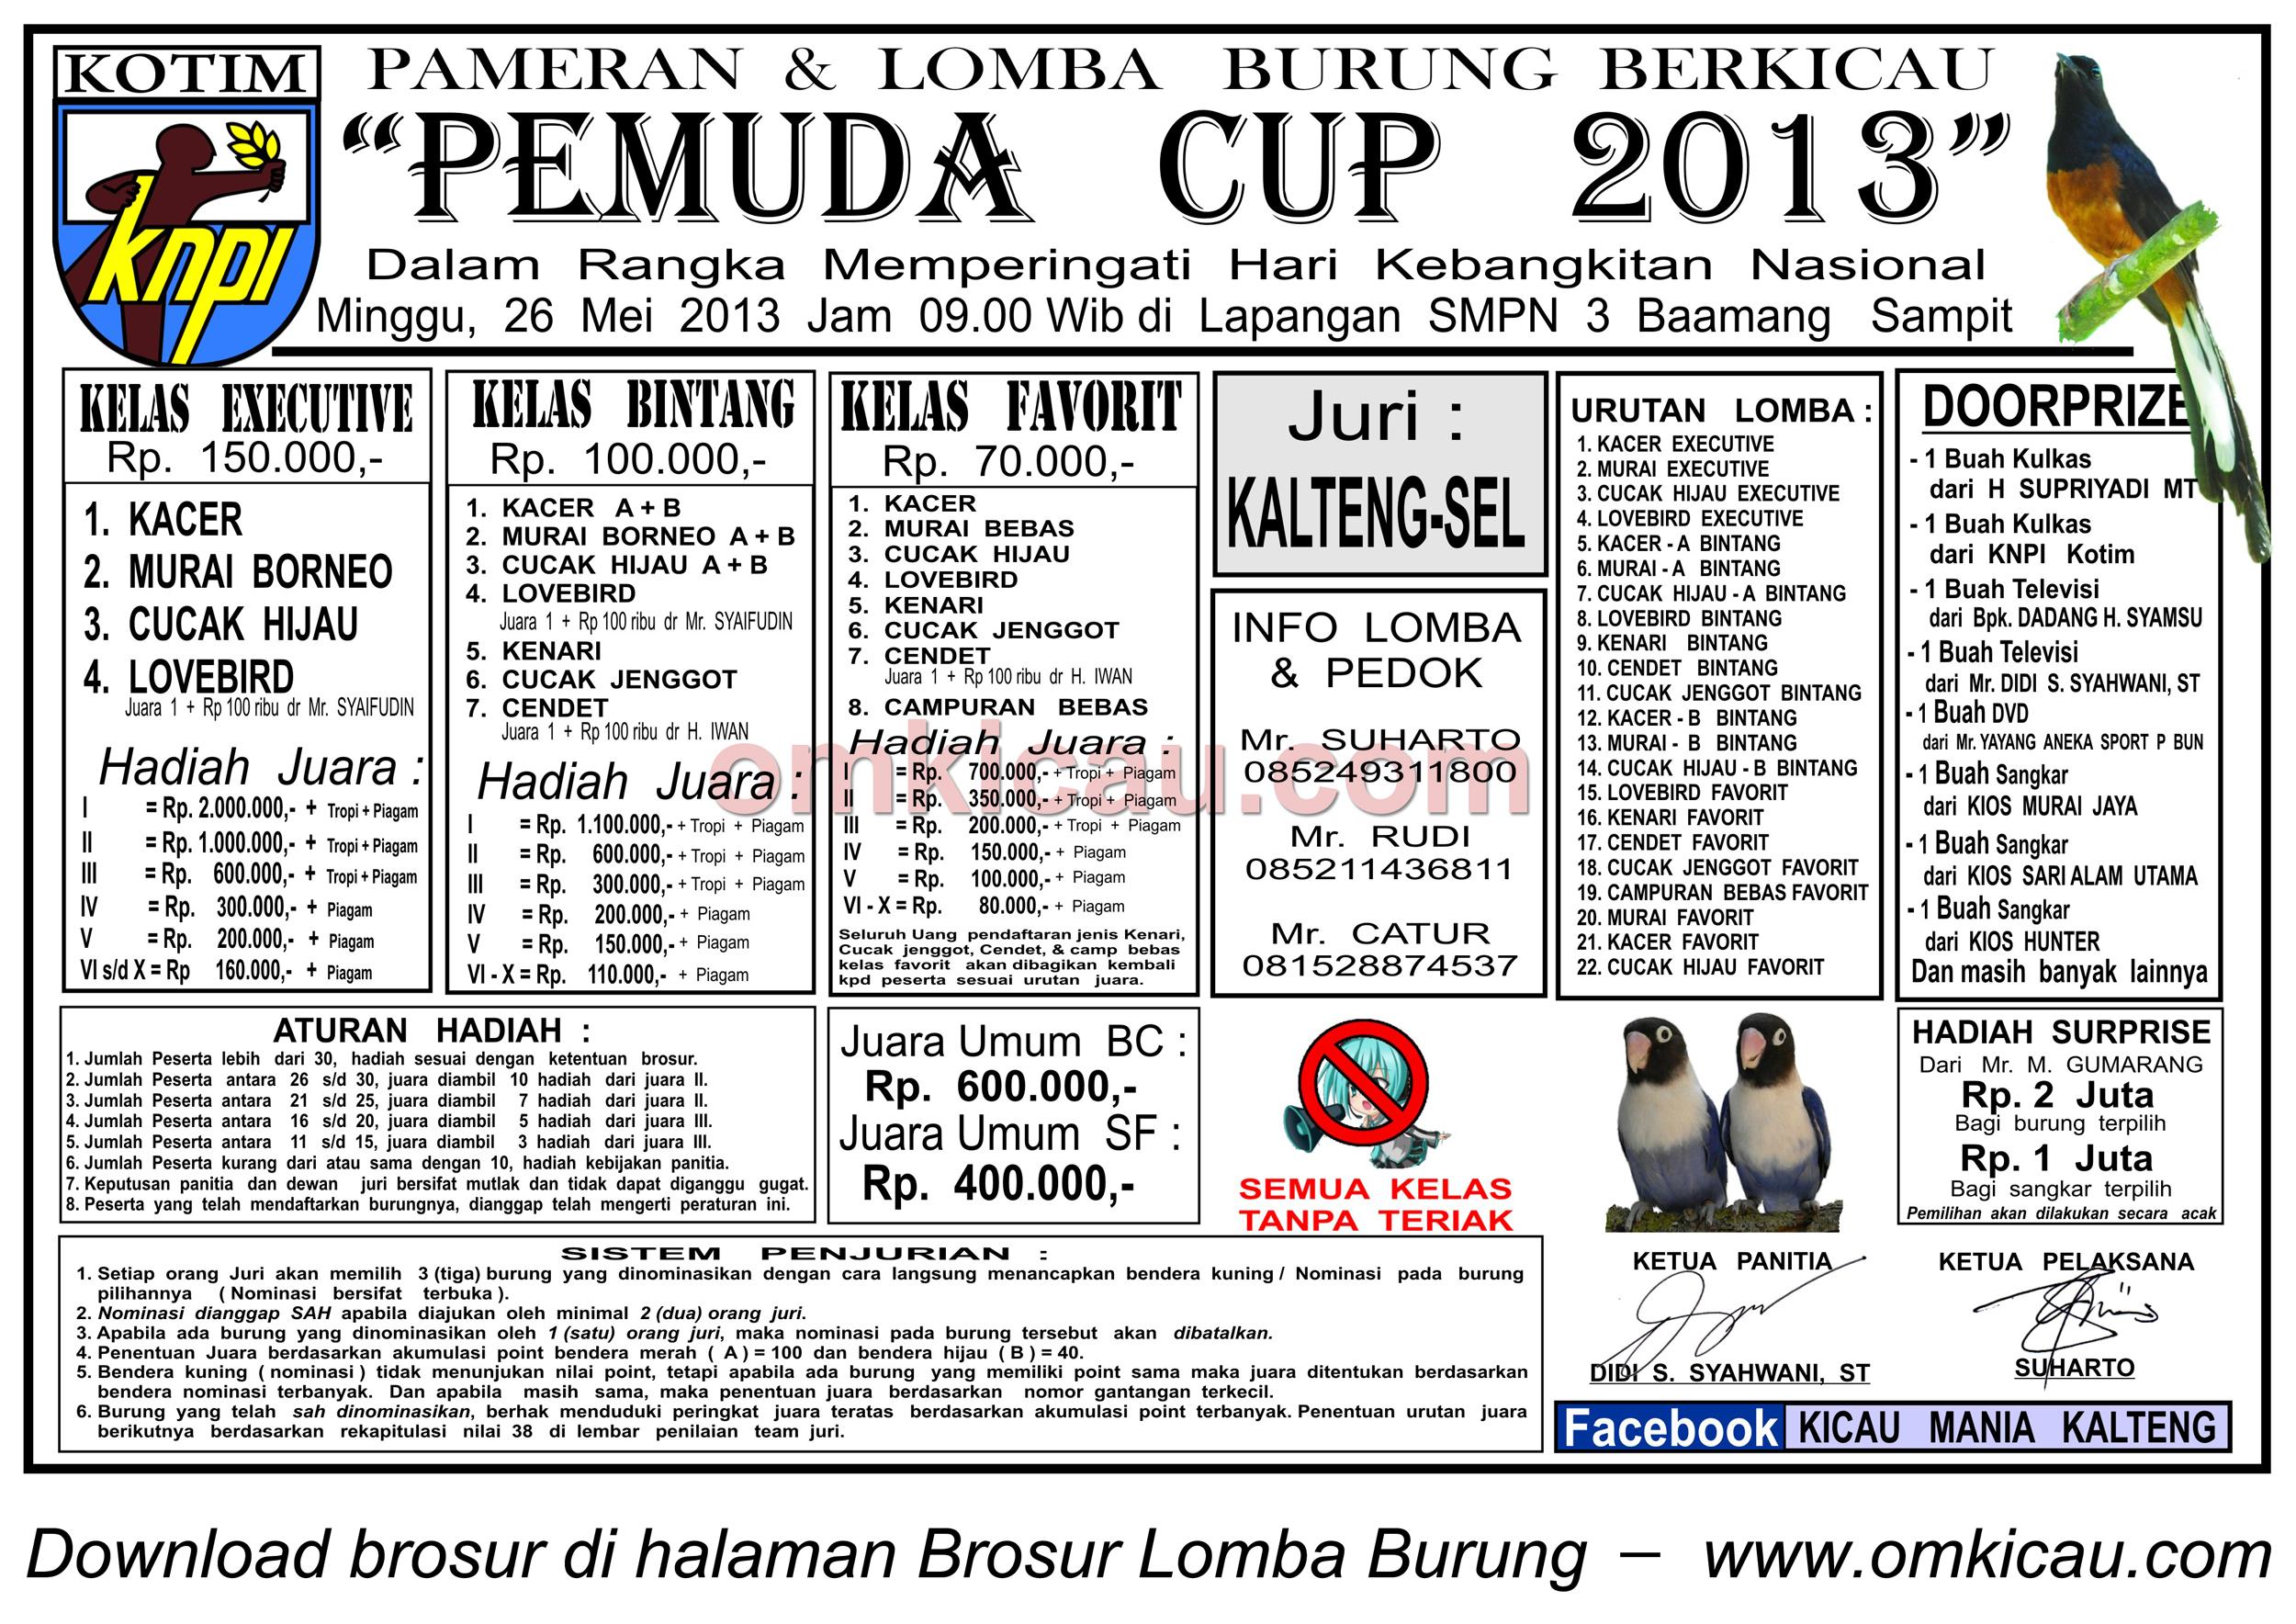 Brosur Lomba Burung Pemuda Cup 2013